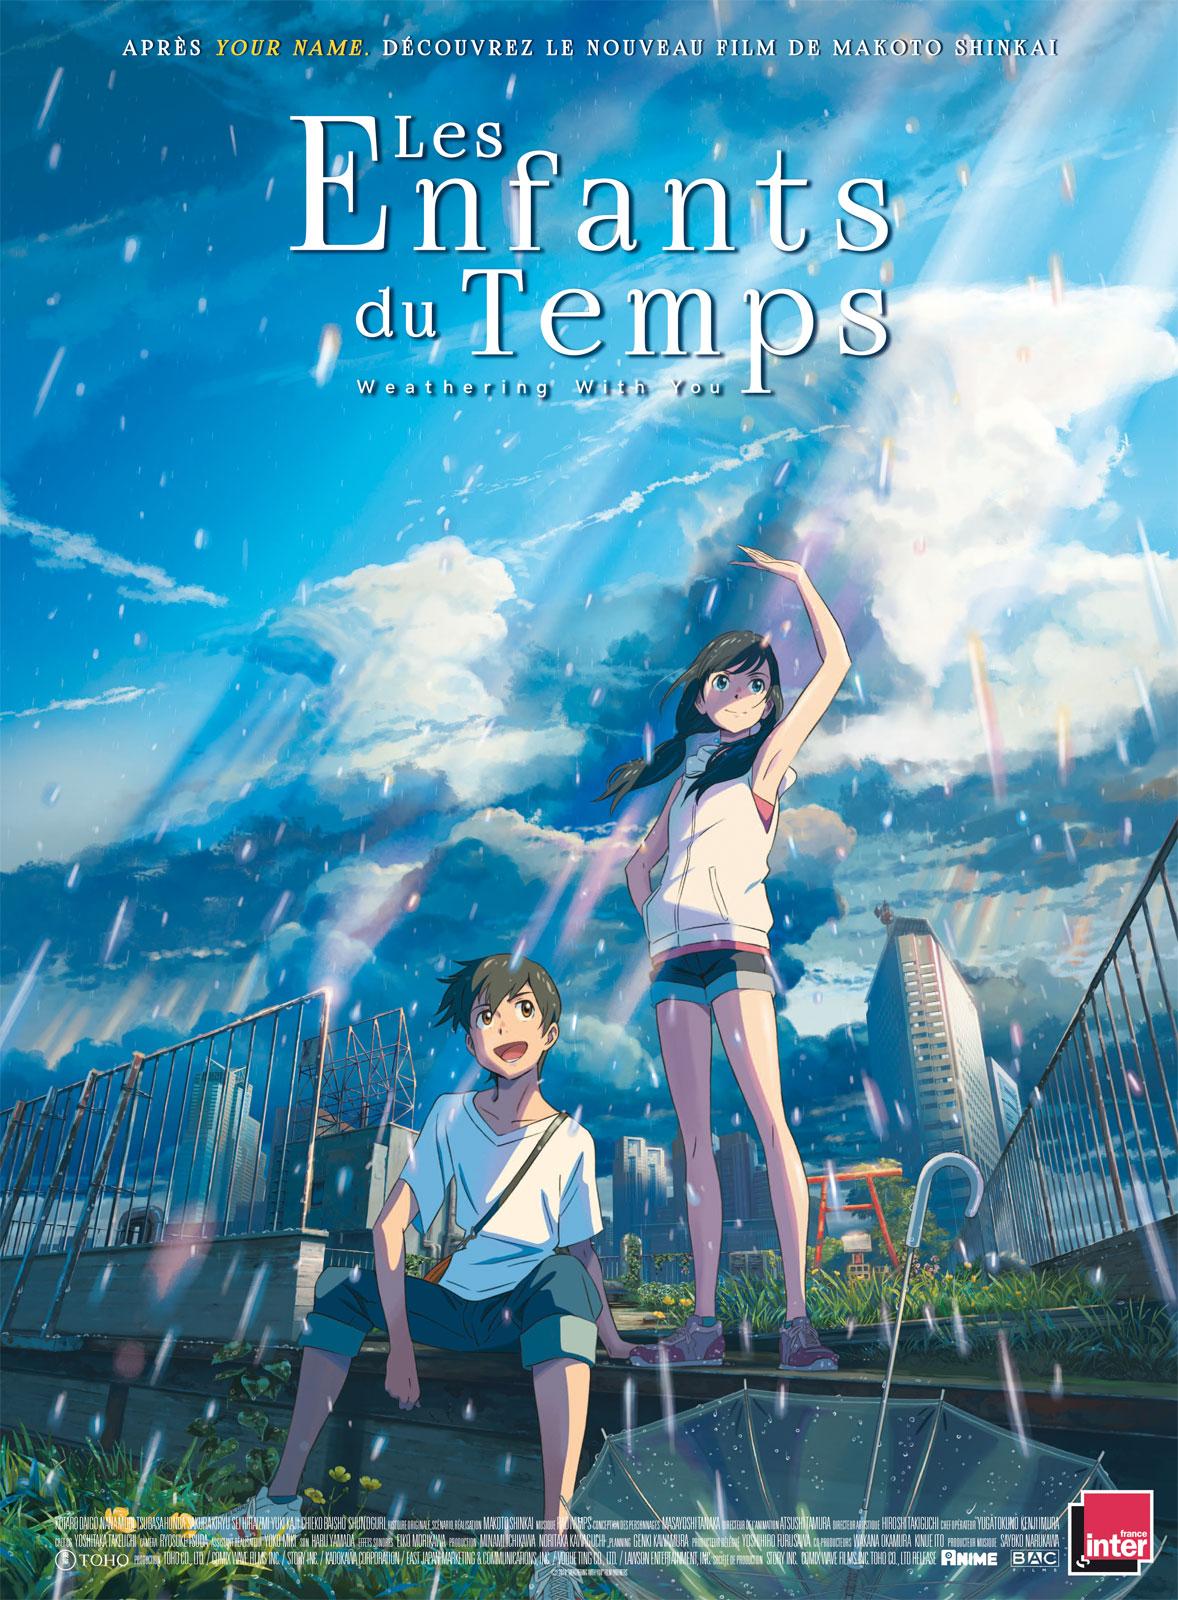 Anime Voyage Dans Le Temps : anime, voyage, temps, Enfants, Temps, AlloCiné